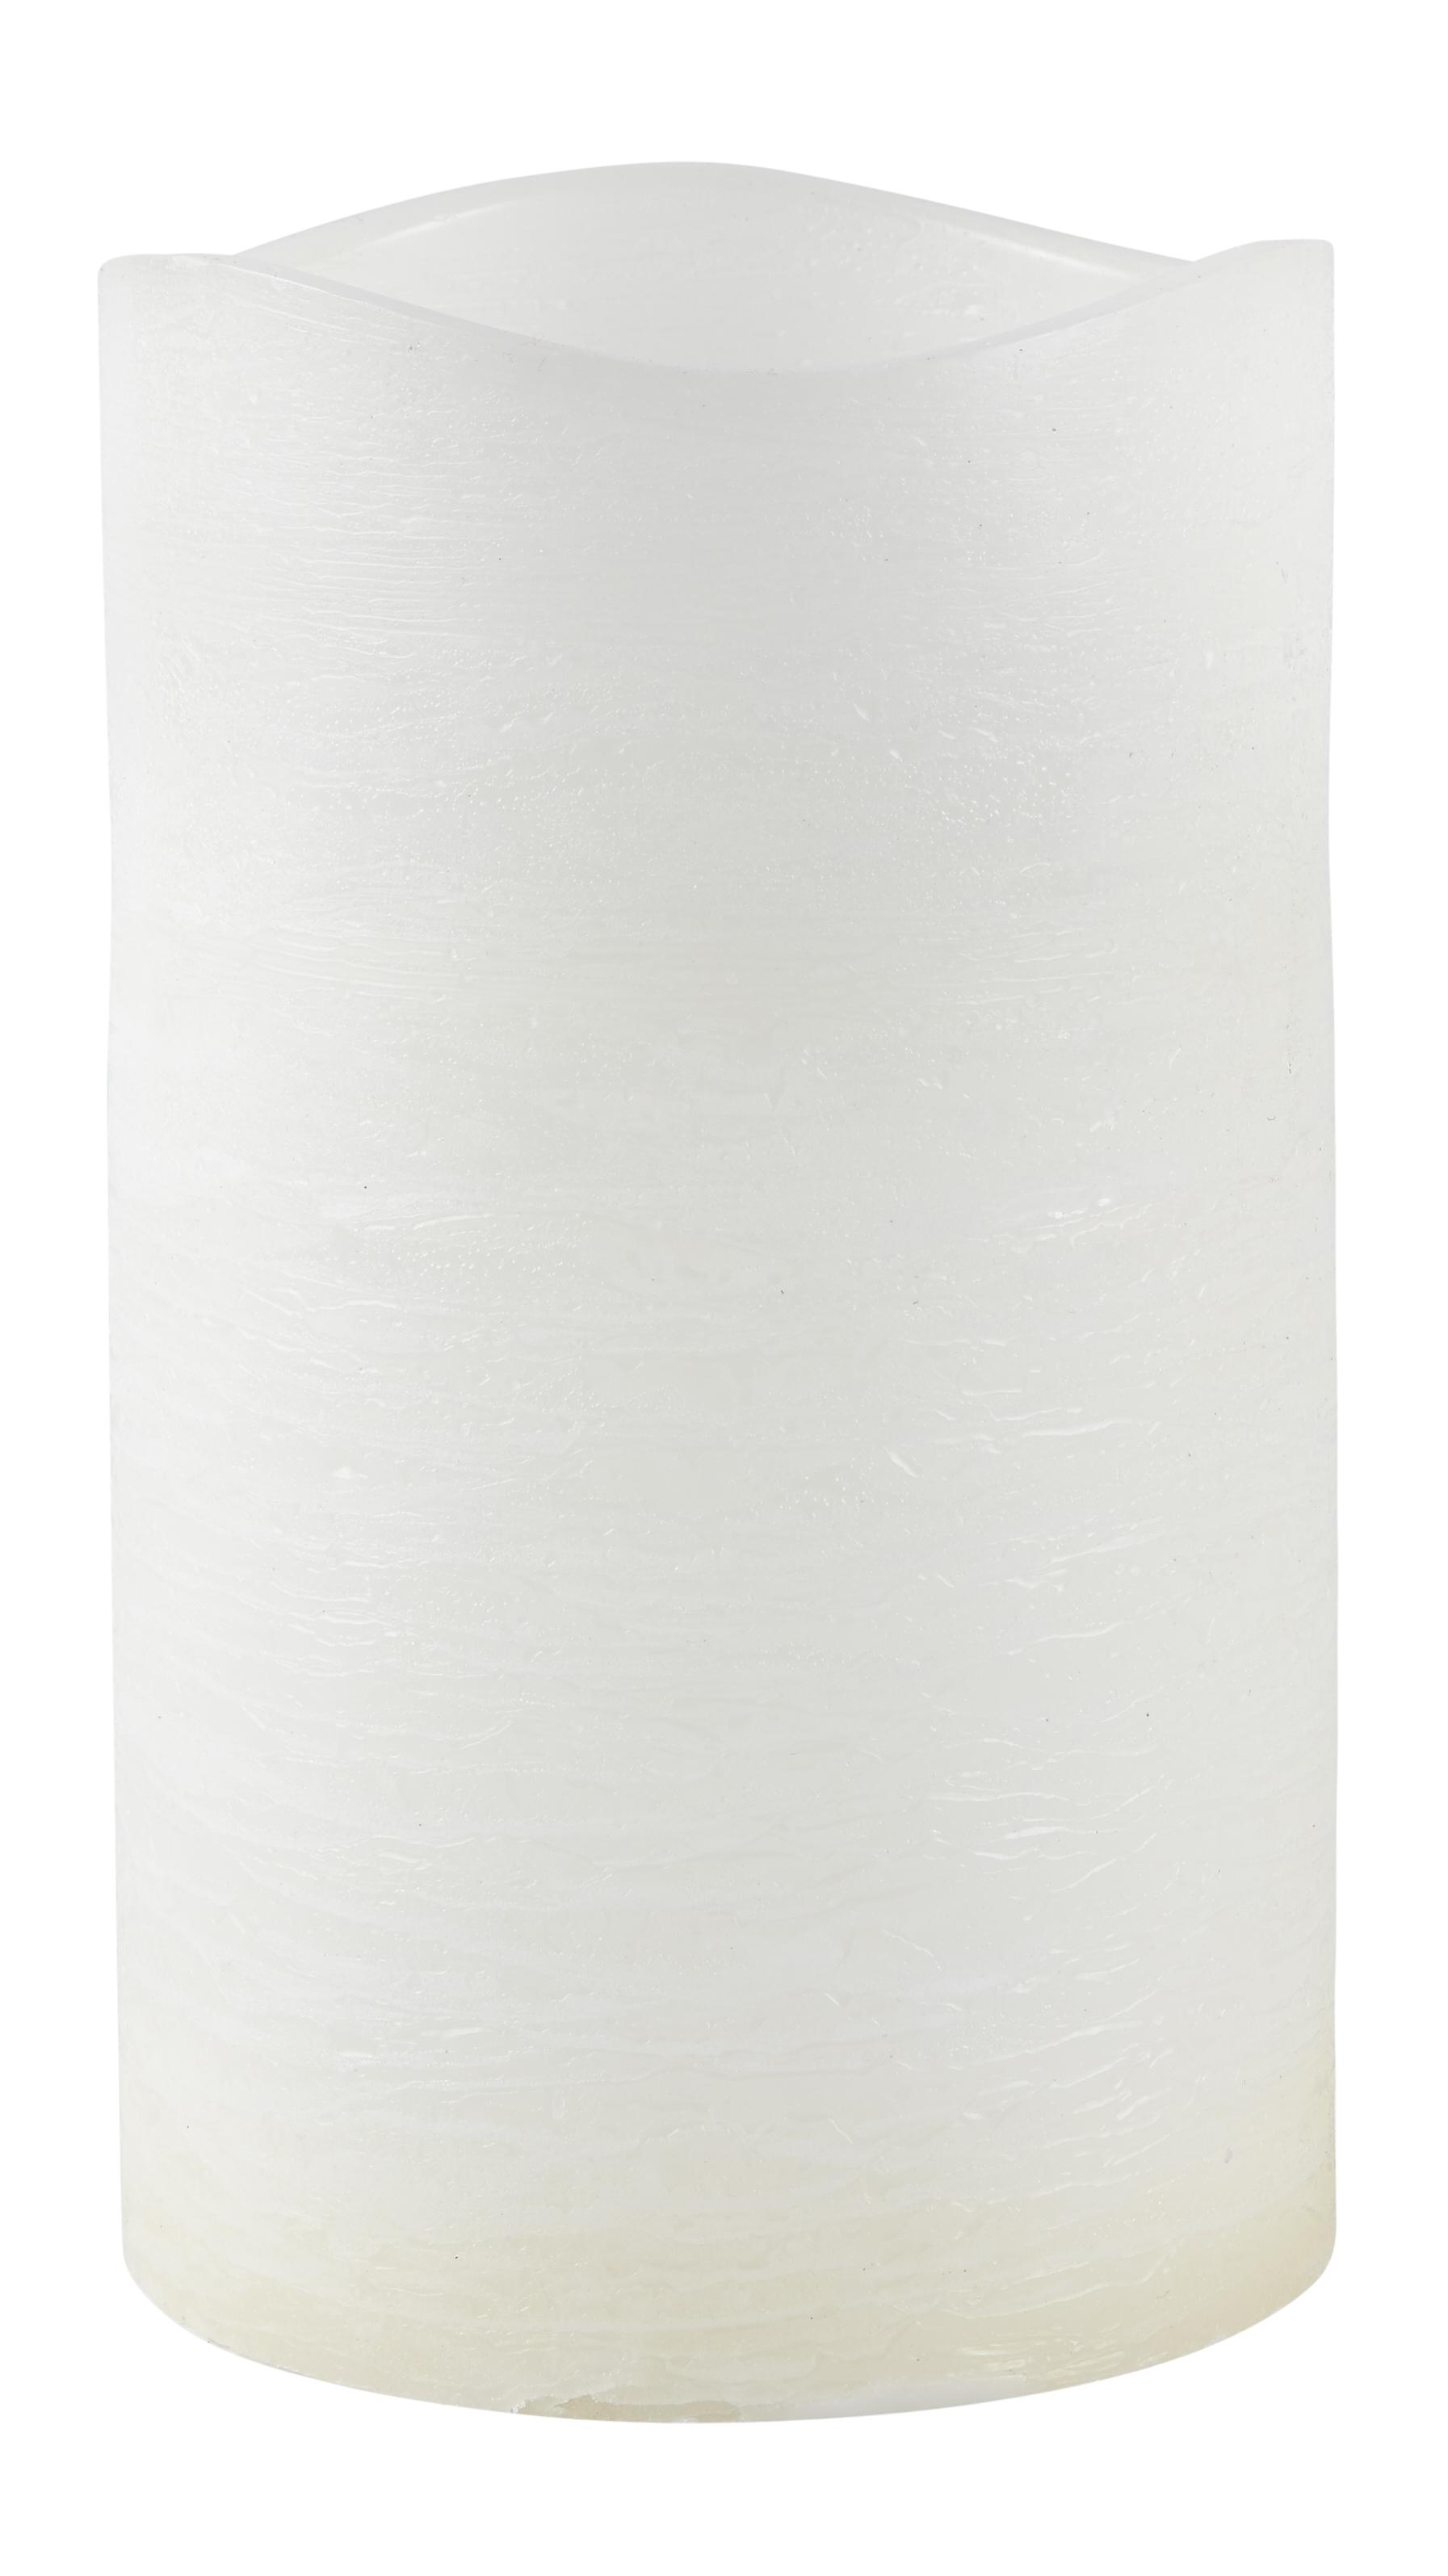 Image of   Villa Collection LED bloklys m. timer. Paraffin/PP Hvid. D 15,0cm H 25,0cm